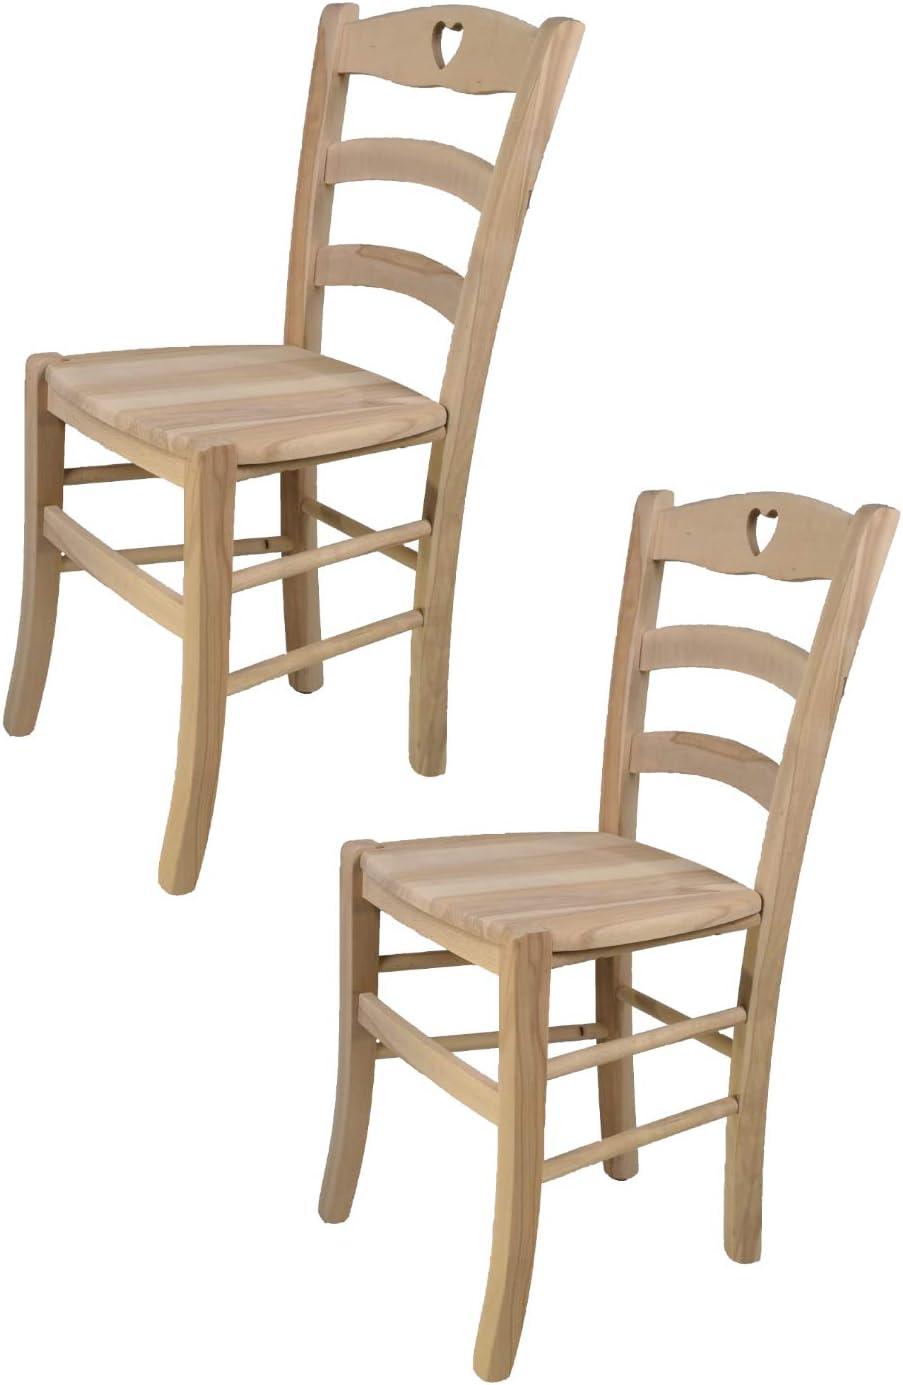 Tommychairs sedie di Design con Robusta Struttura in Legno Color anilina Bianca e Seduta in Legno massello Set 2 sedie Classiche Cuore 38 per Cucina Bar e Sala da Pranzo